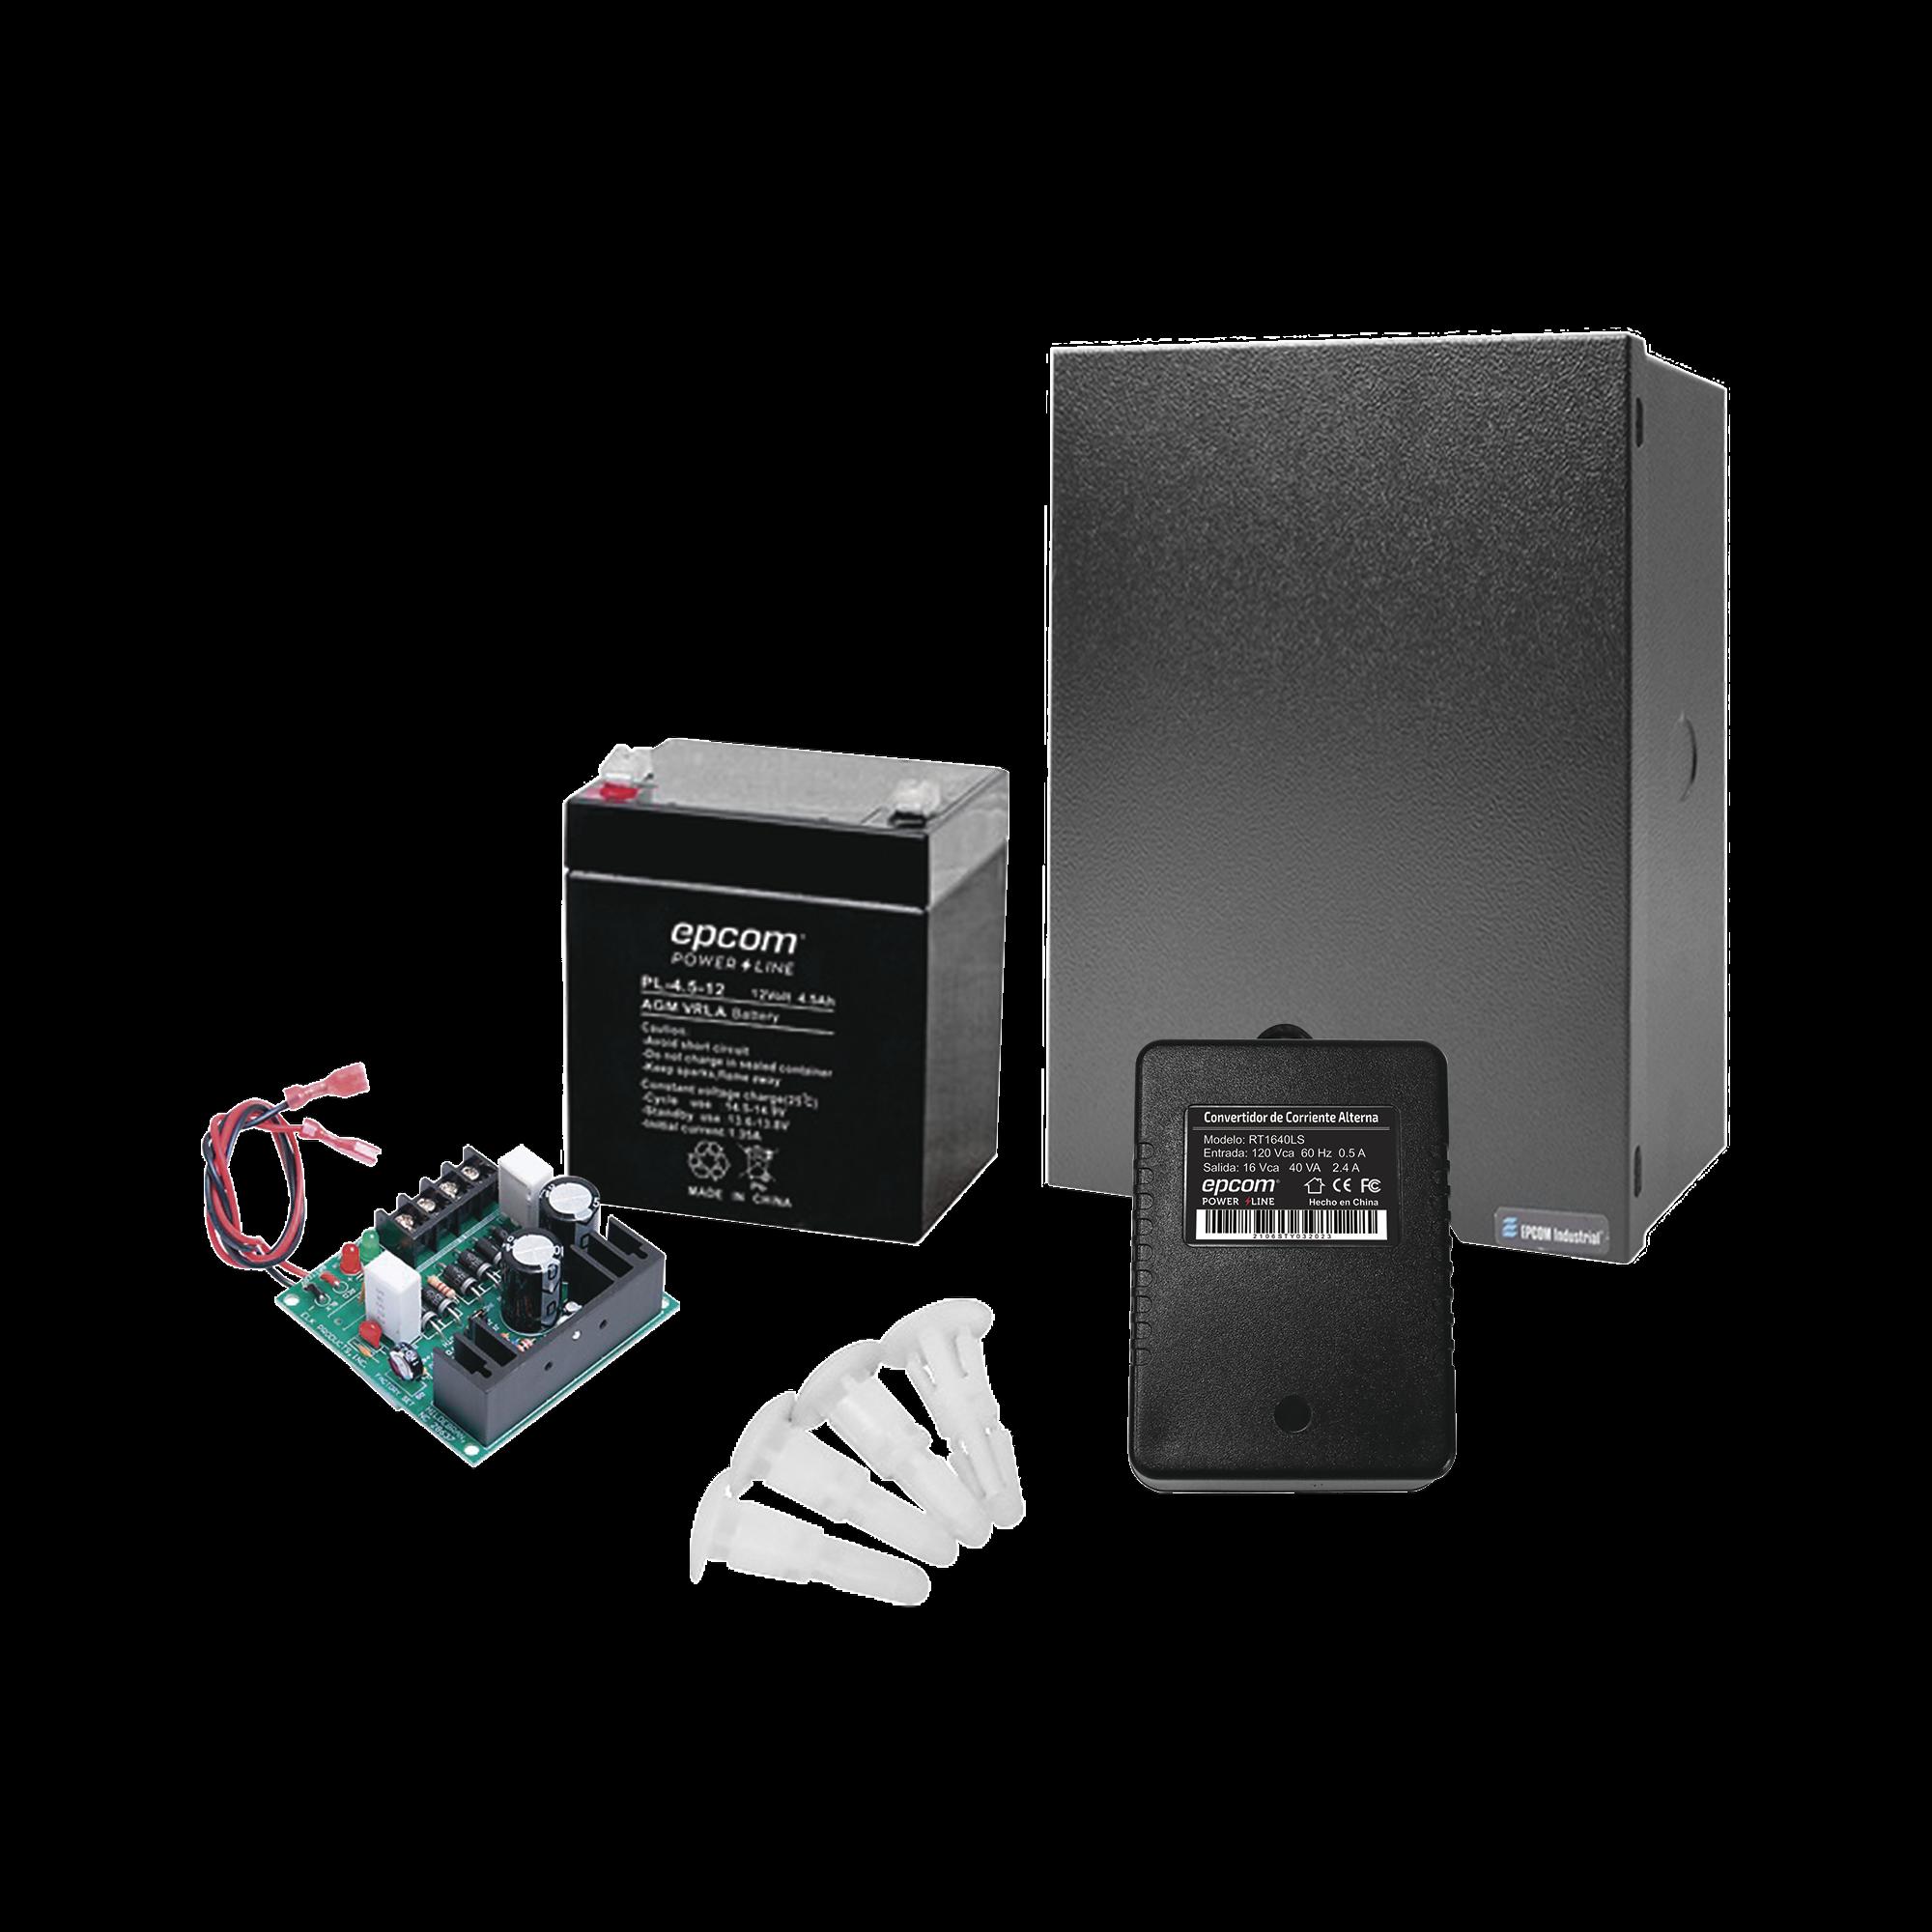 Kit con Fuente  ELK Products ( ELK624 ) con salida de 12 Vcd a 1 Amper, incluye transformador y batería de 4.5 Amper